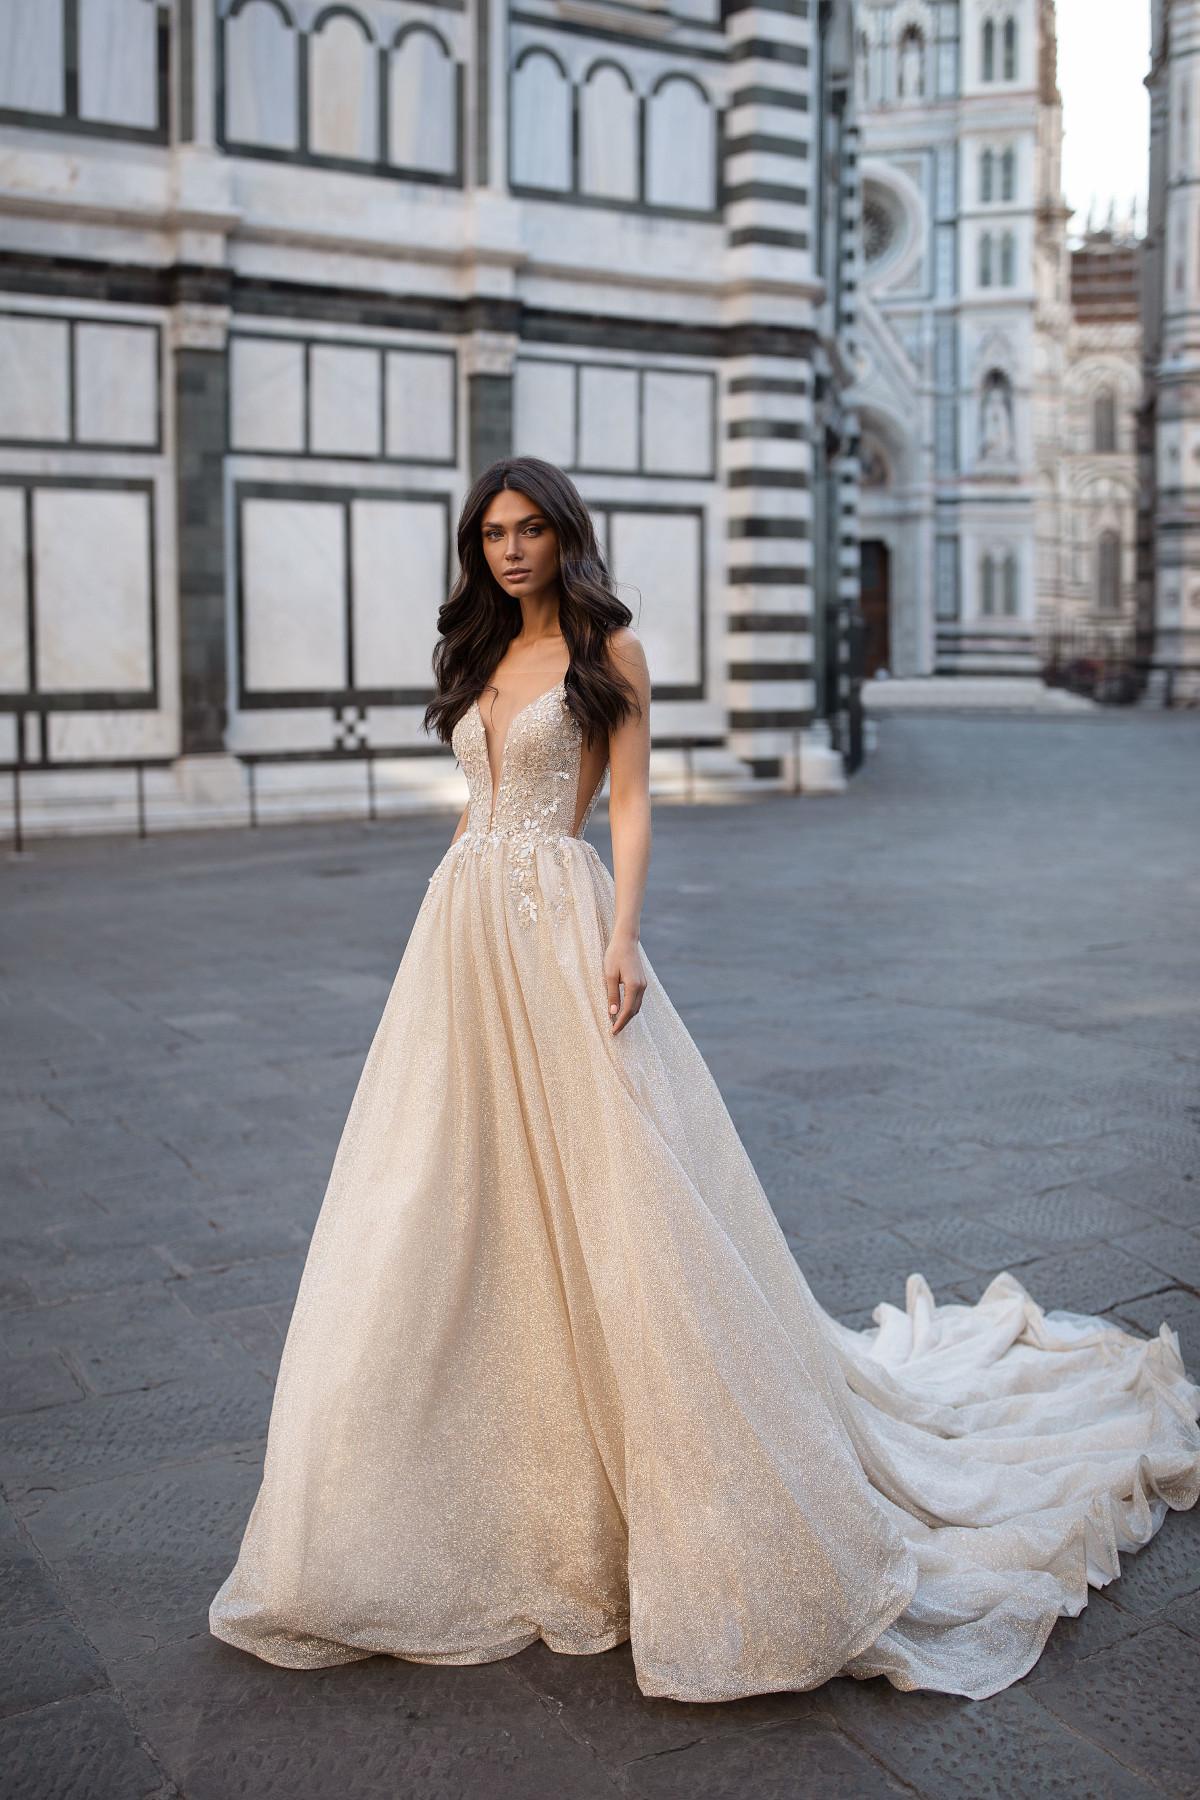 Hochzeitskleid mit langer Schleppe und Applikationen – gesehen bei frauimmer-herrewig.de